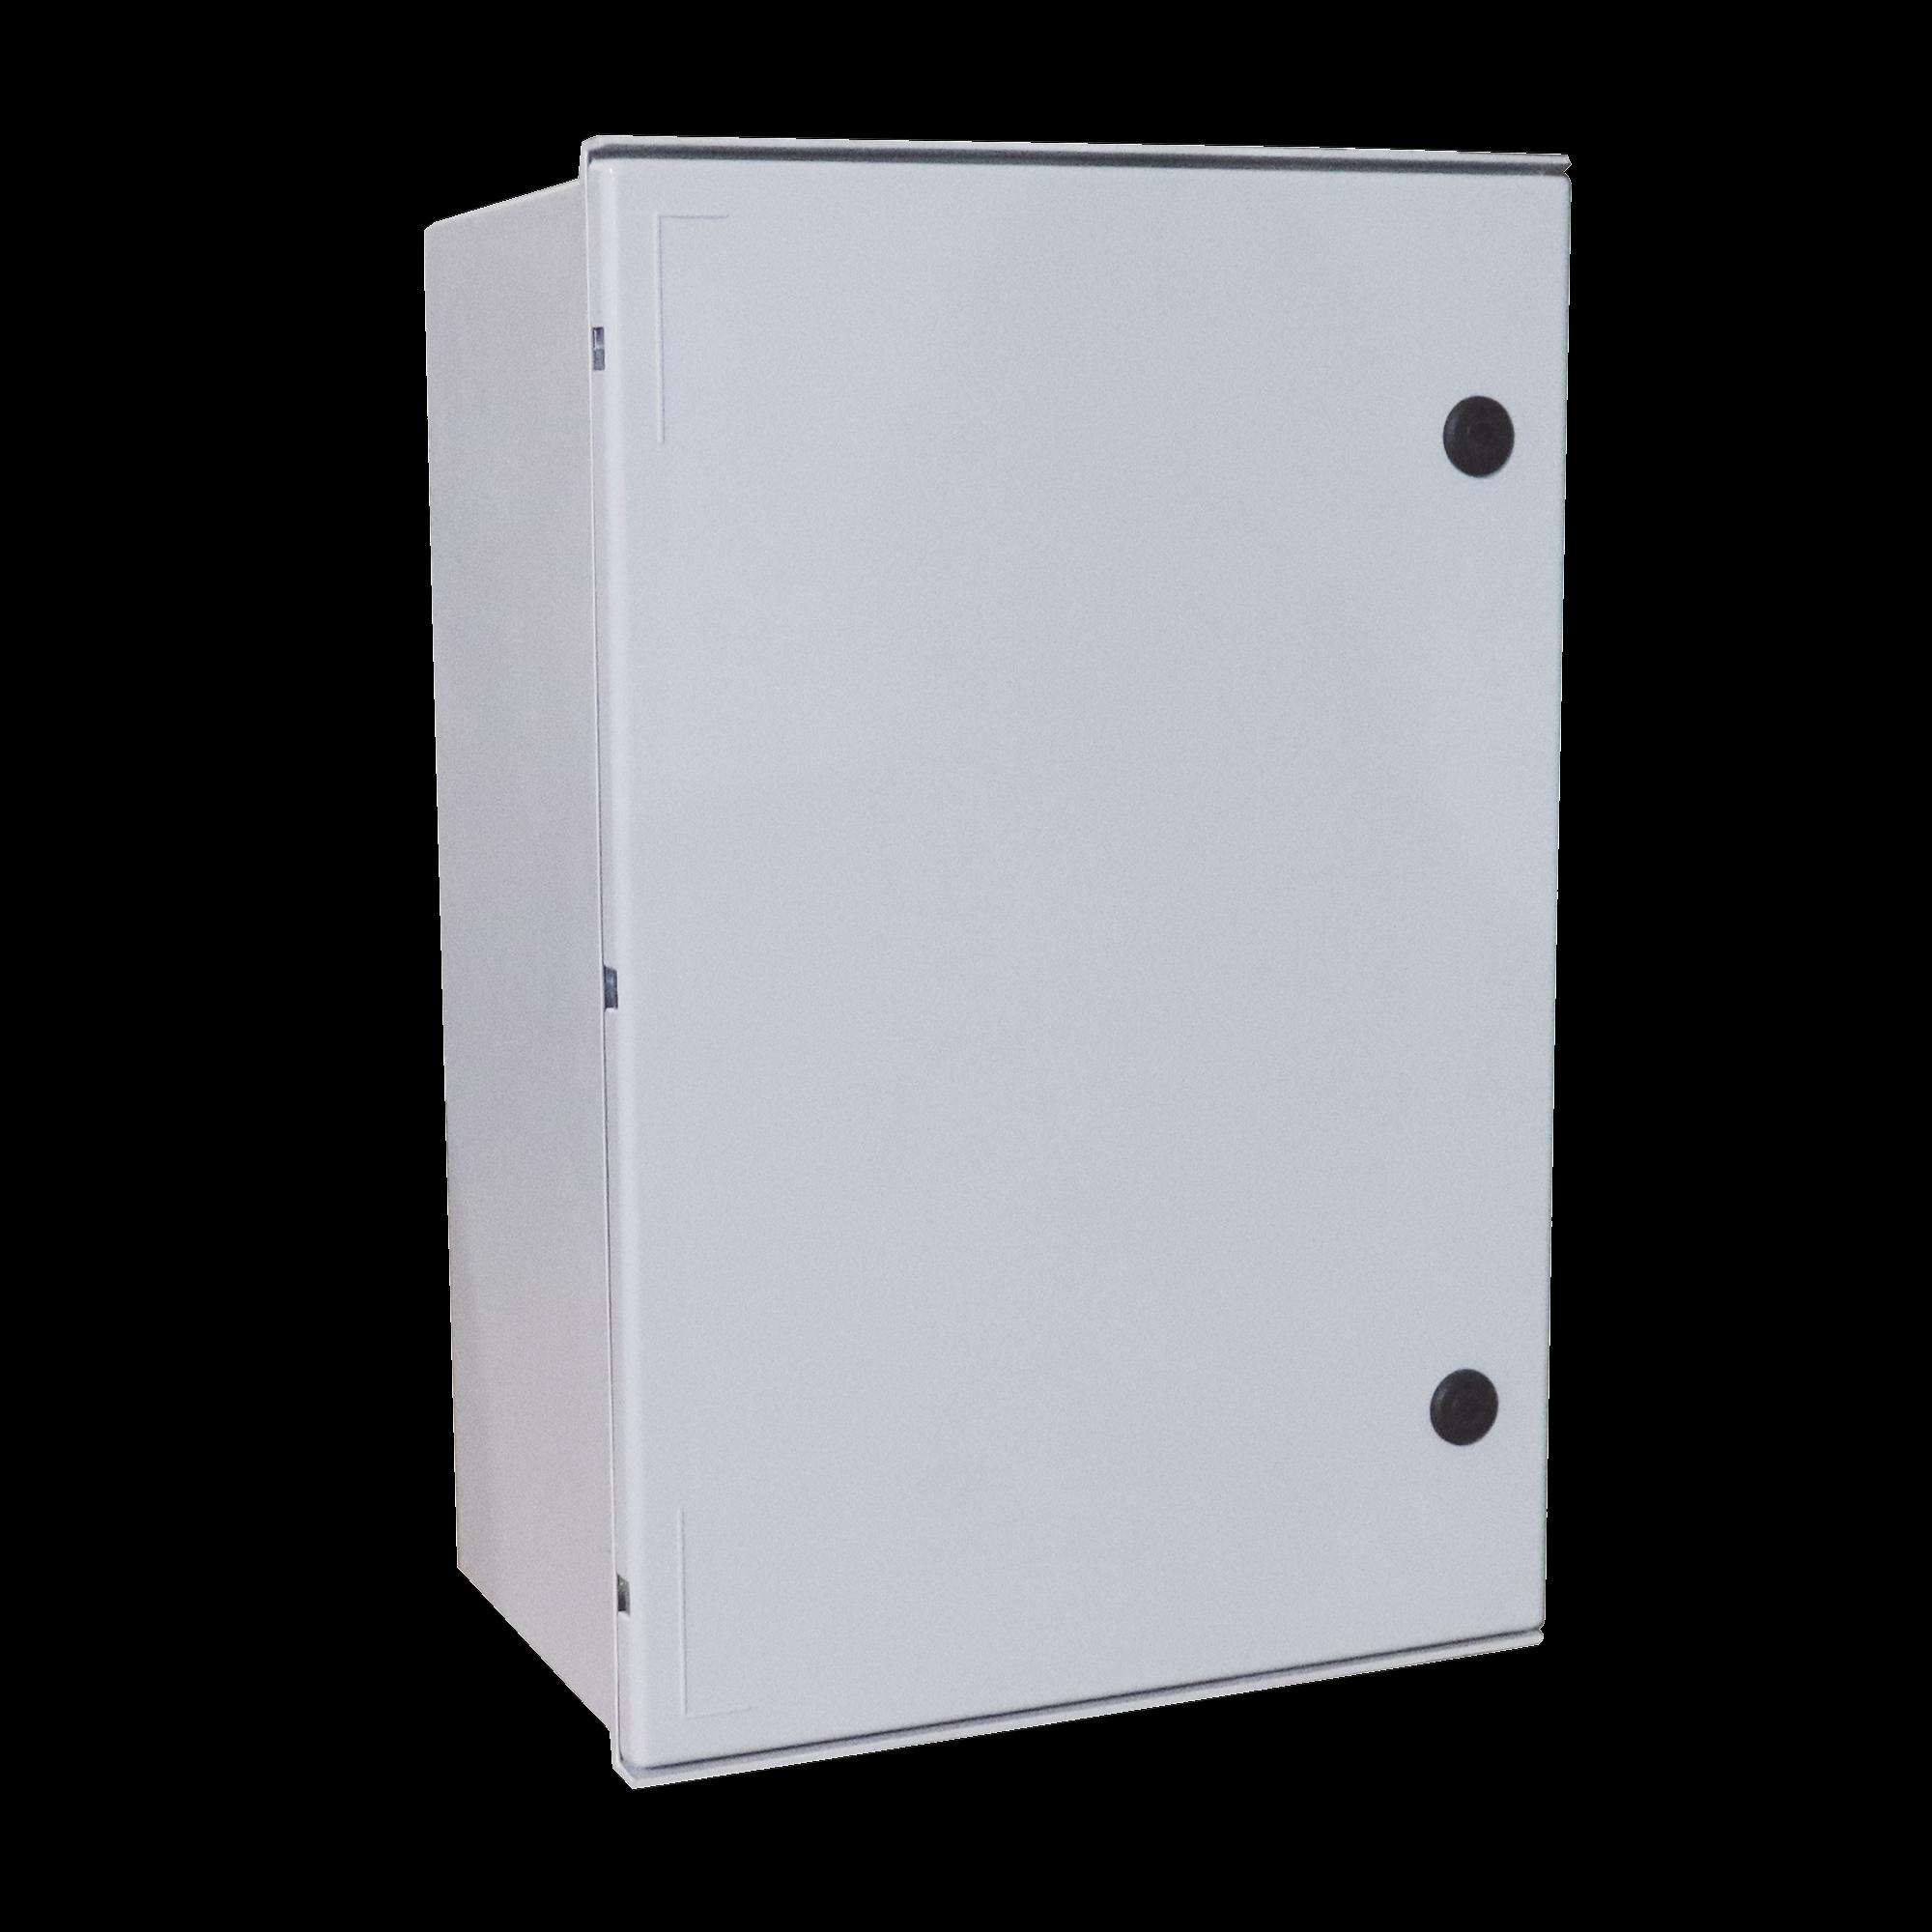 Gabinete de Poliéster IP65 Uso en Intemperie (600 x 800 x 300 mm) con Placa Trasera Interior (Incluye Chapa y Llave).